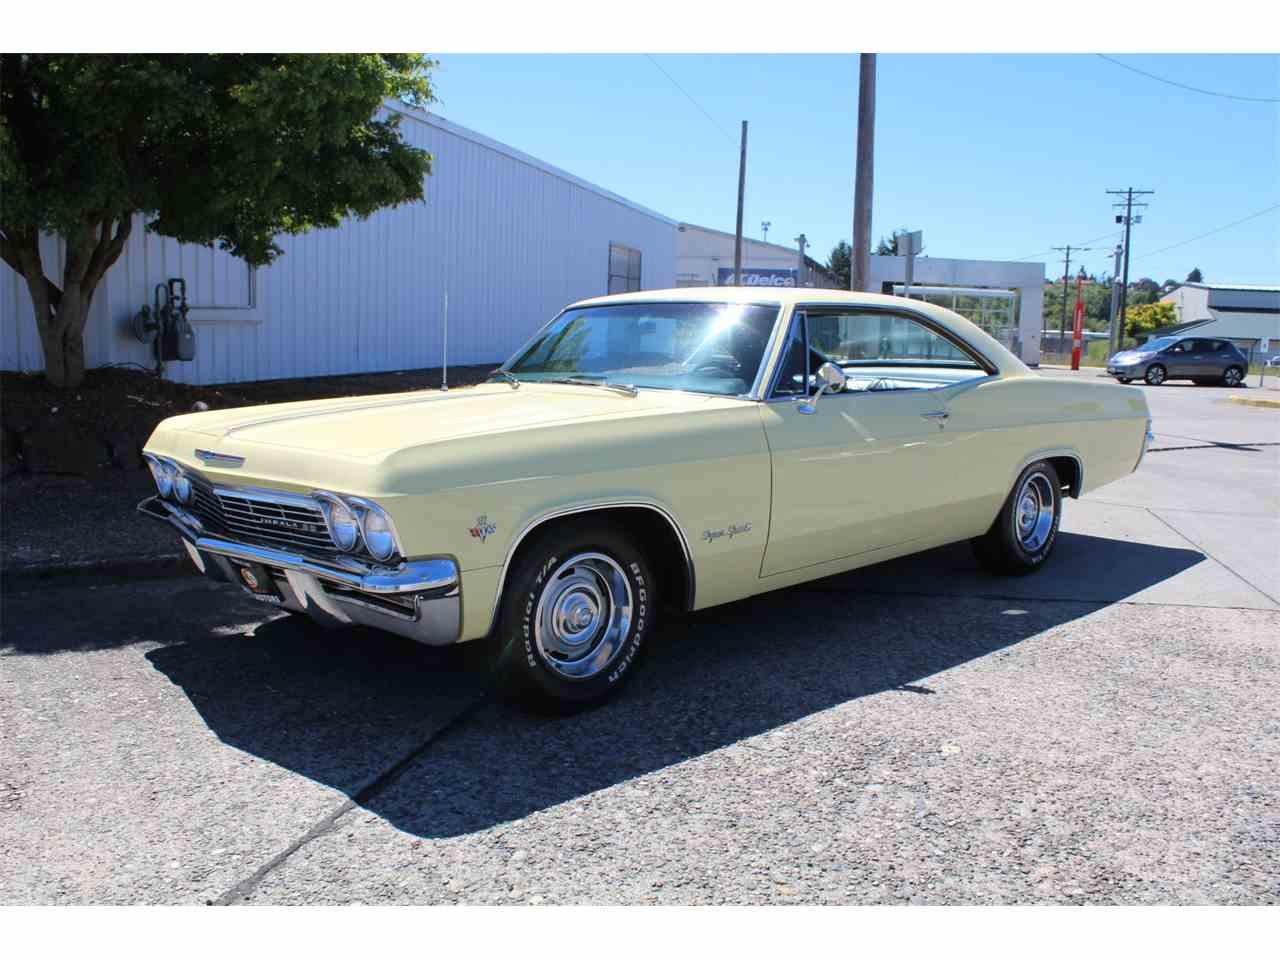 1965 Chevrolet Impala Ss For Sale Classiccars Com Cc